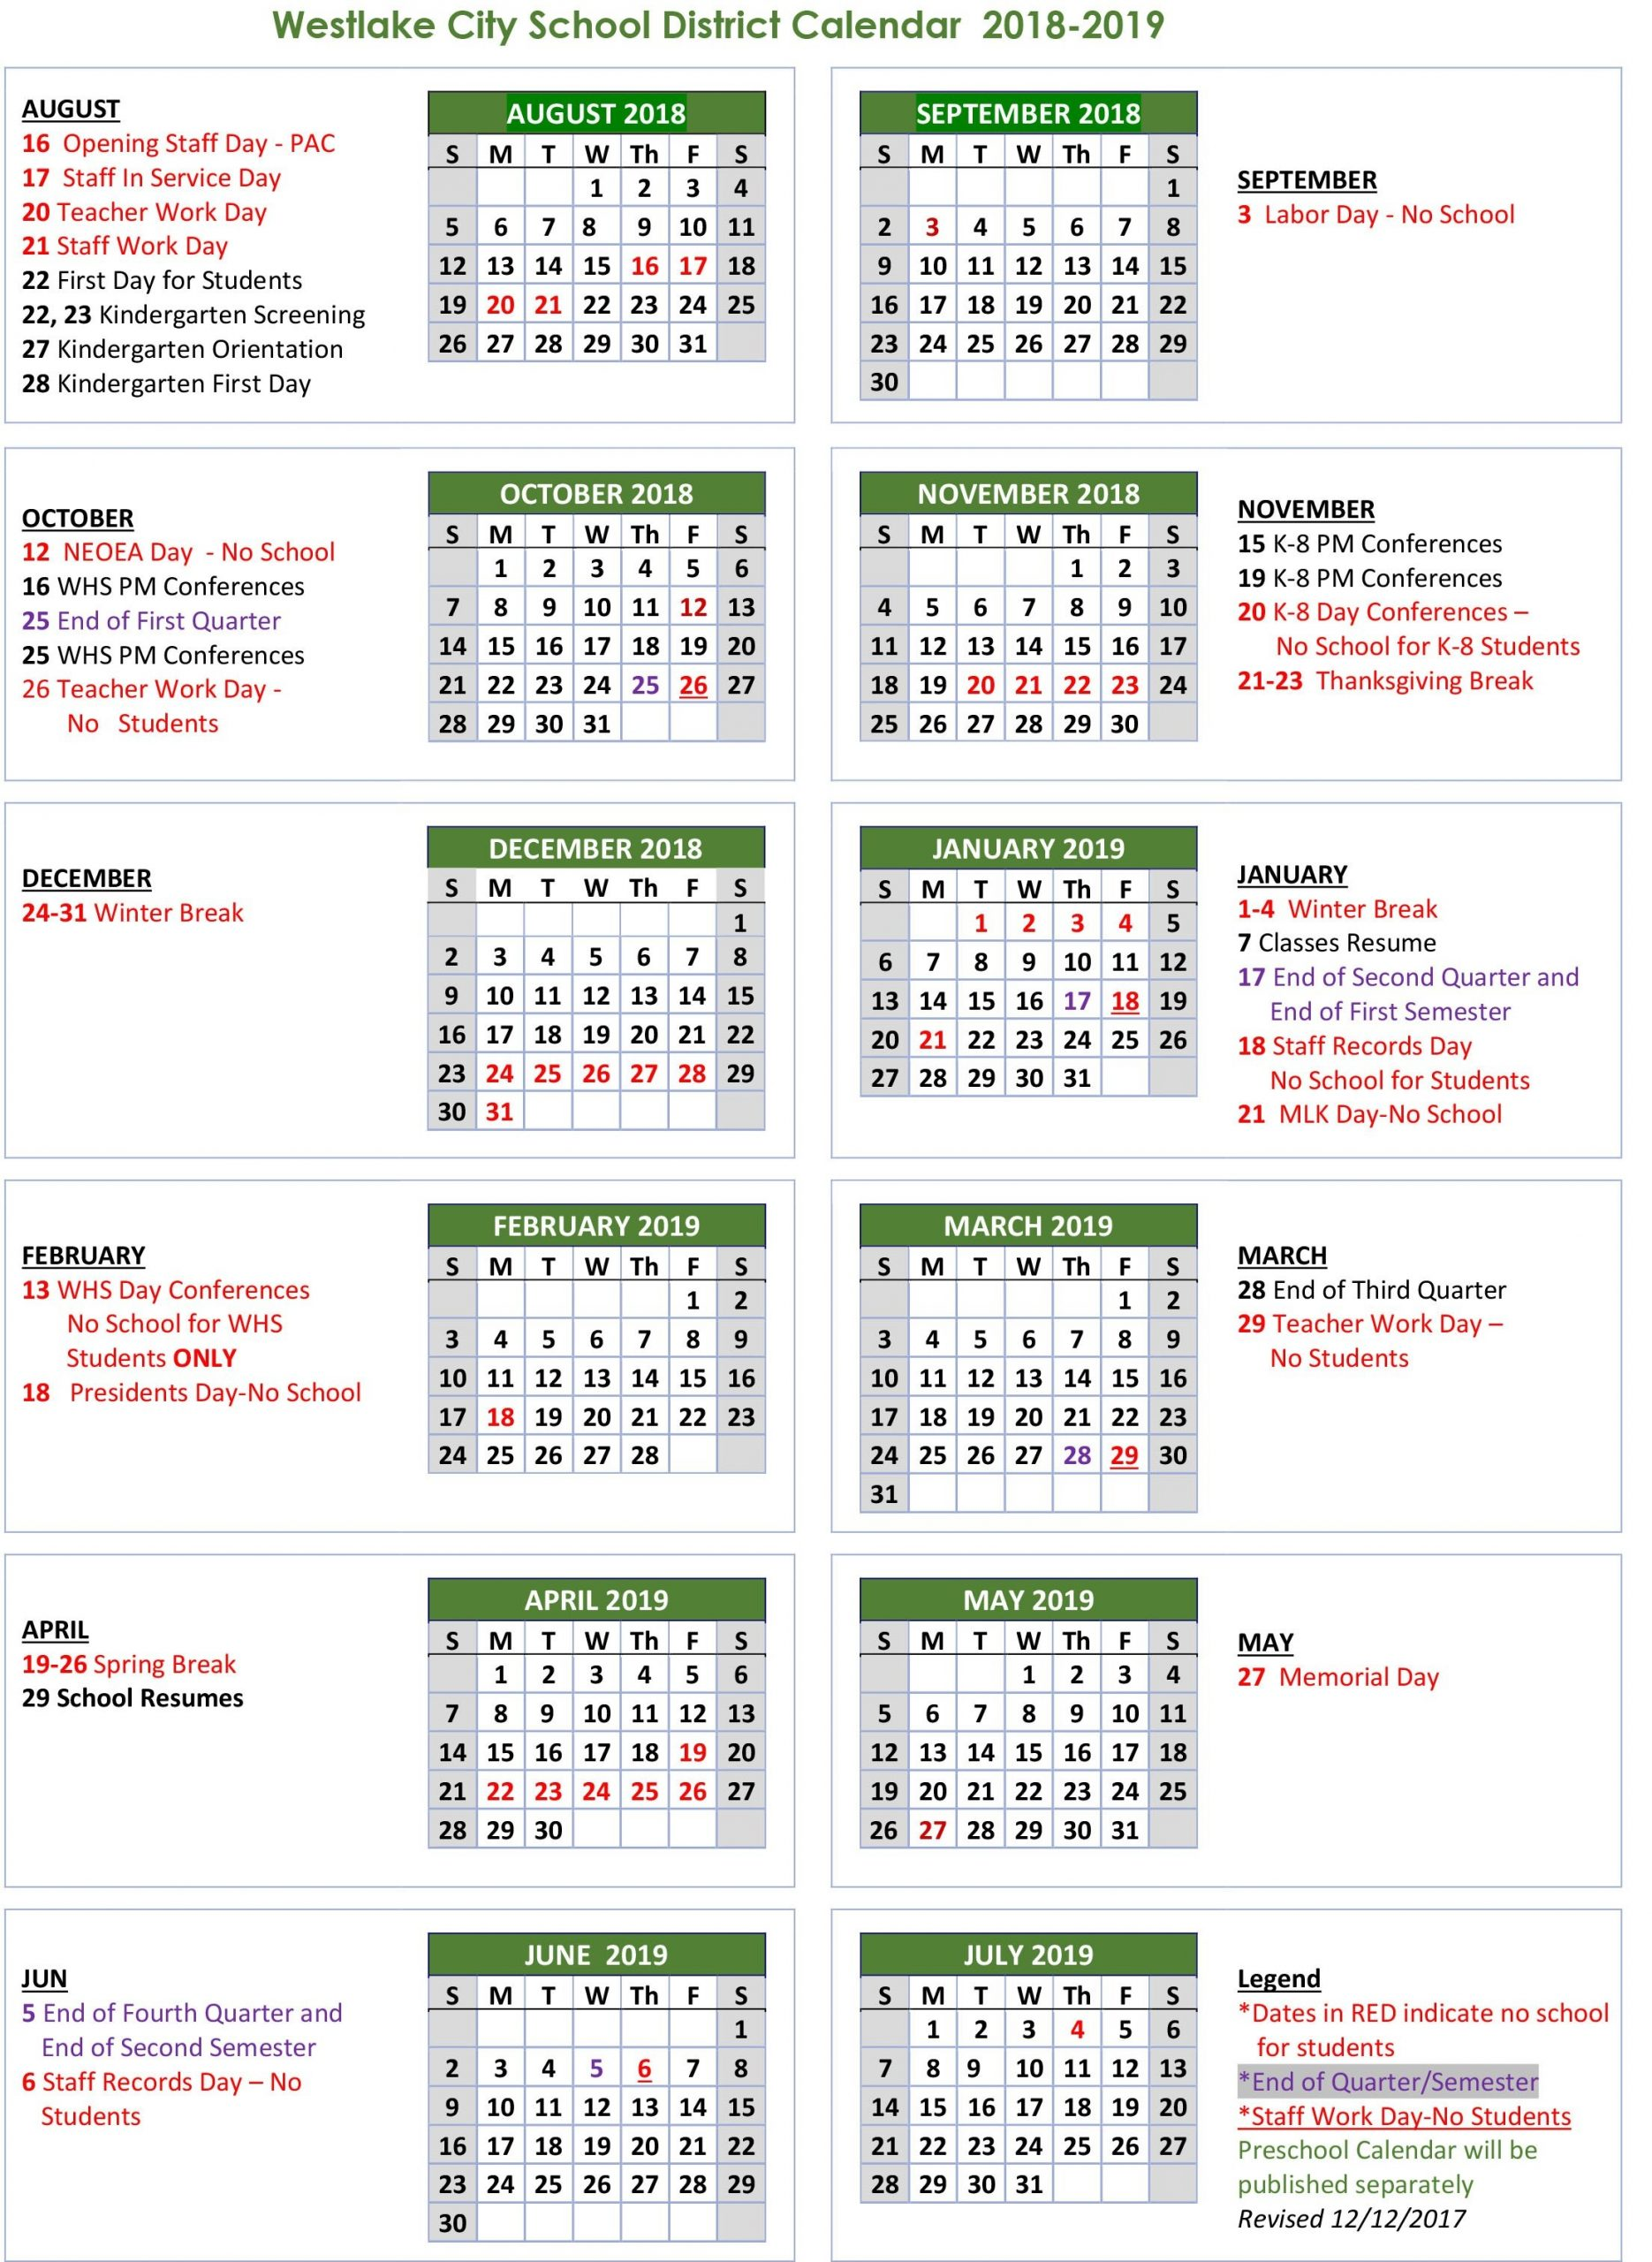 Unit 5 Calendar 2019 : Free Calendar Template Pertaining To Sacramento City School District Calendar 2021